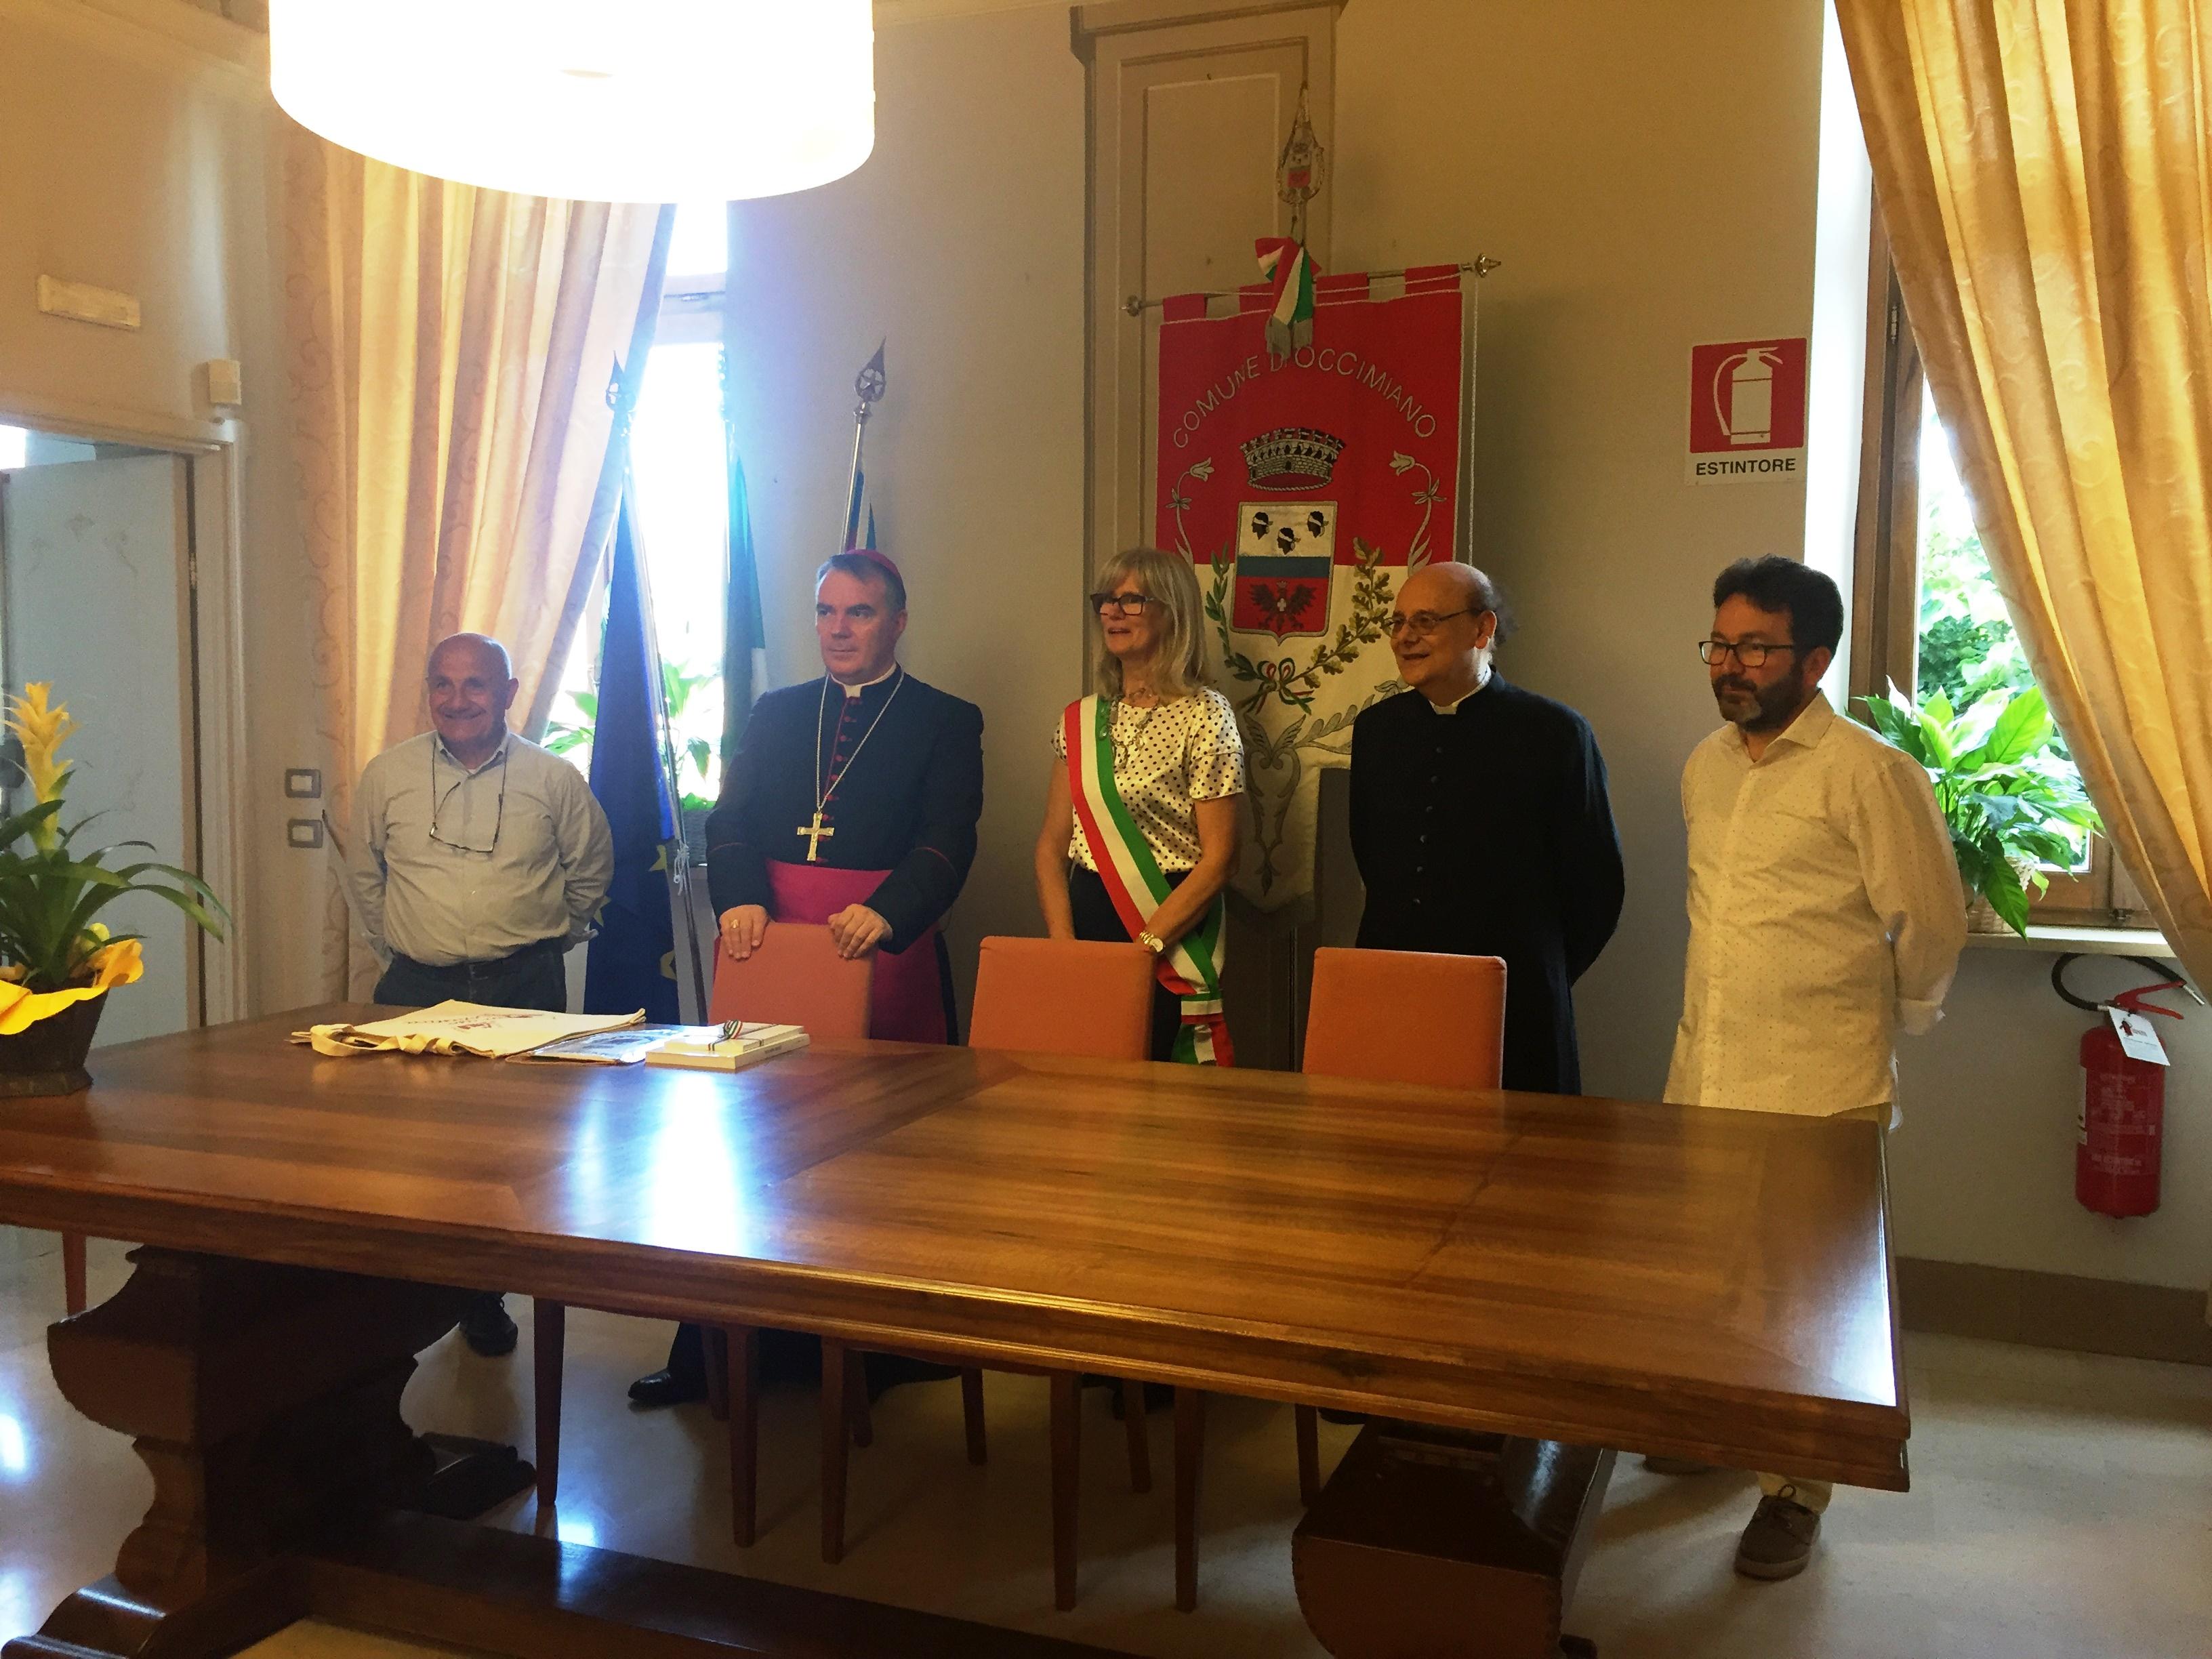 Visita del Vescovo